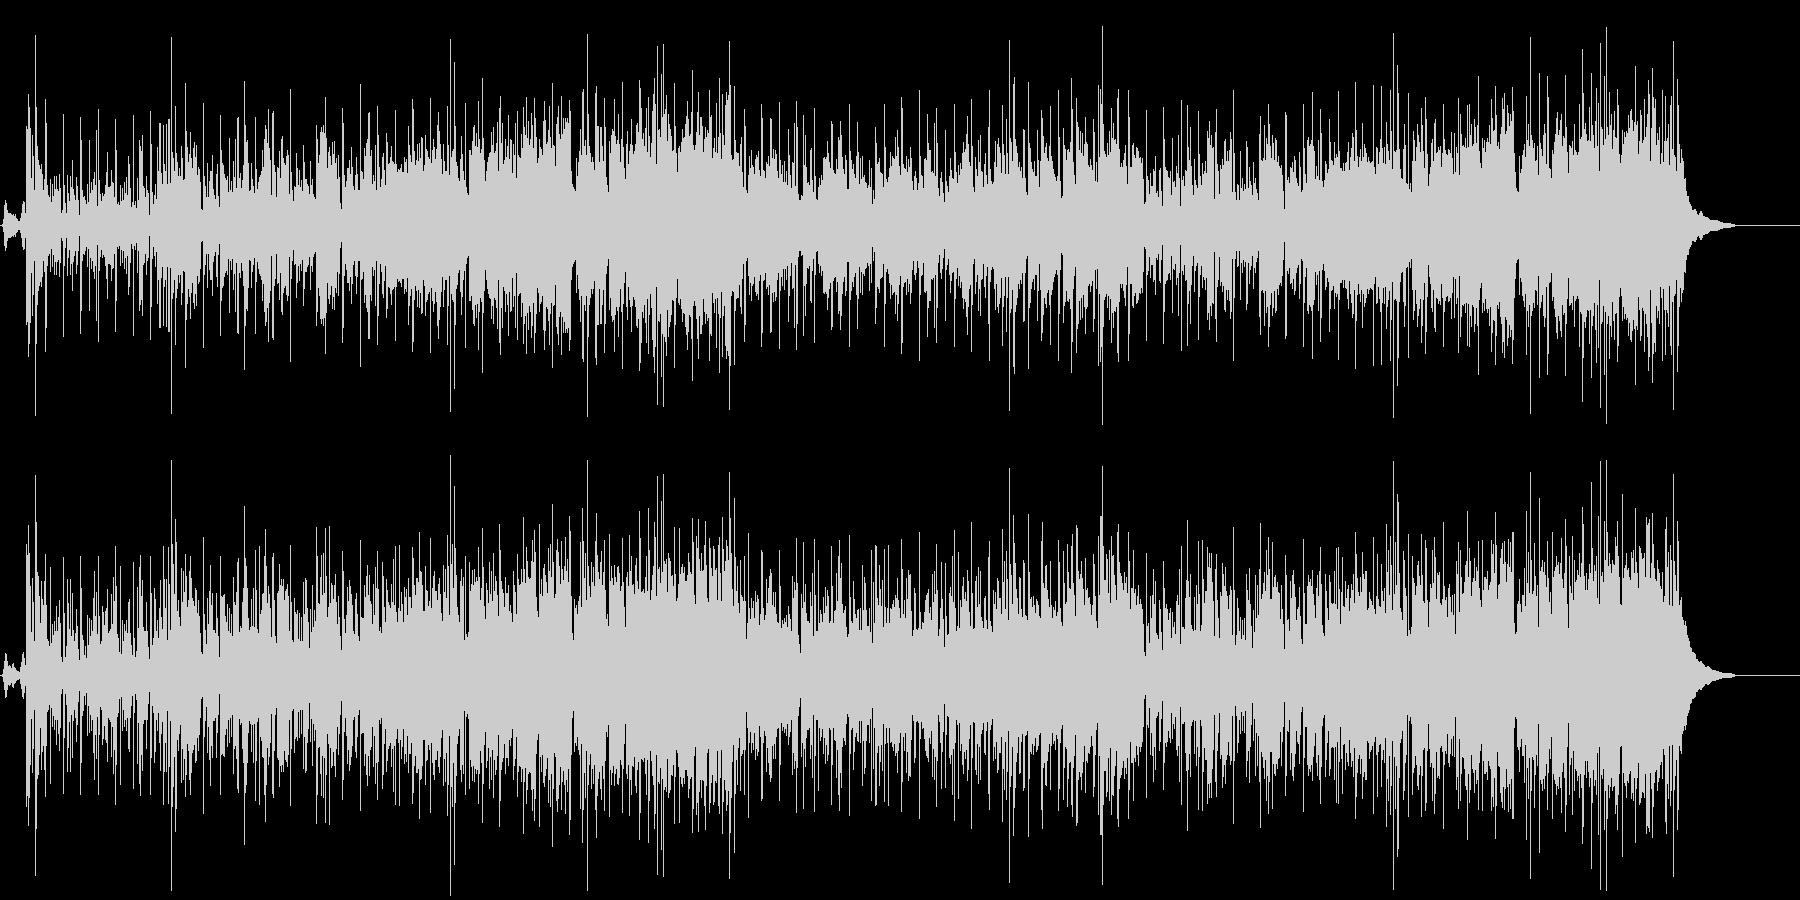 大胆で牧歌的なレゲエ風ポップフュージョンの未再生の波形